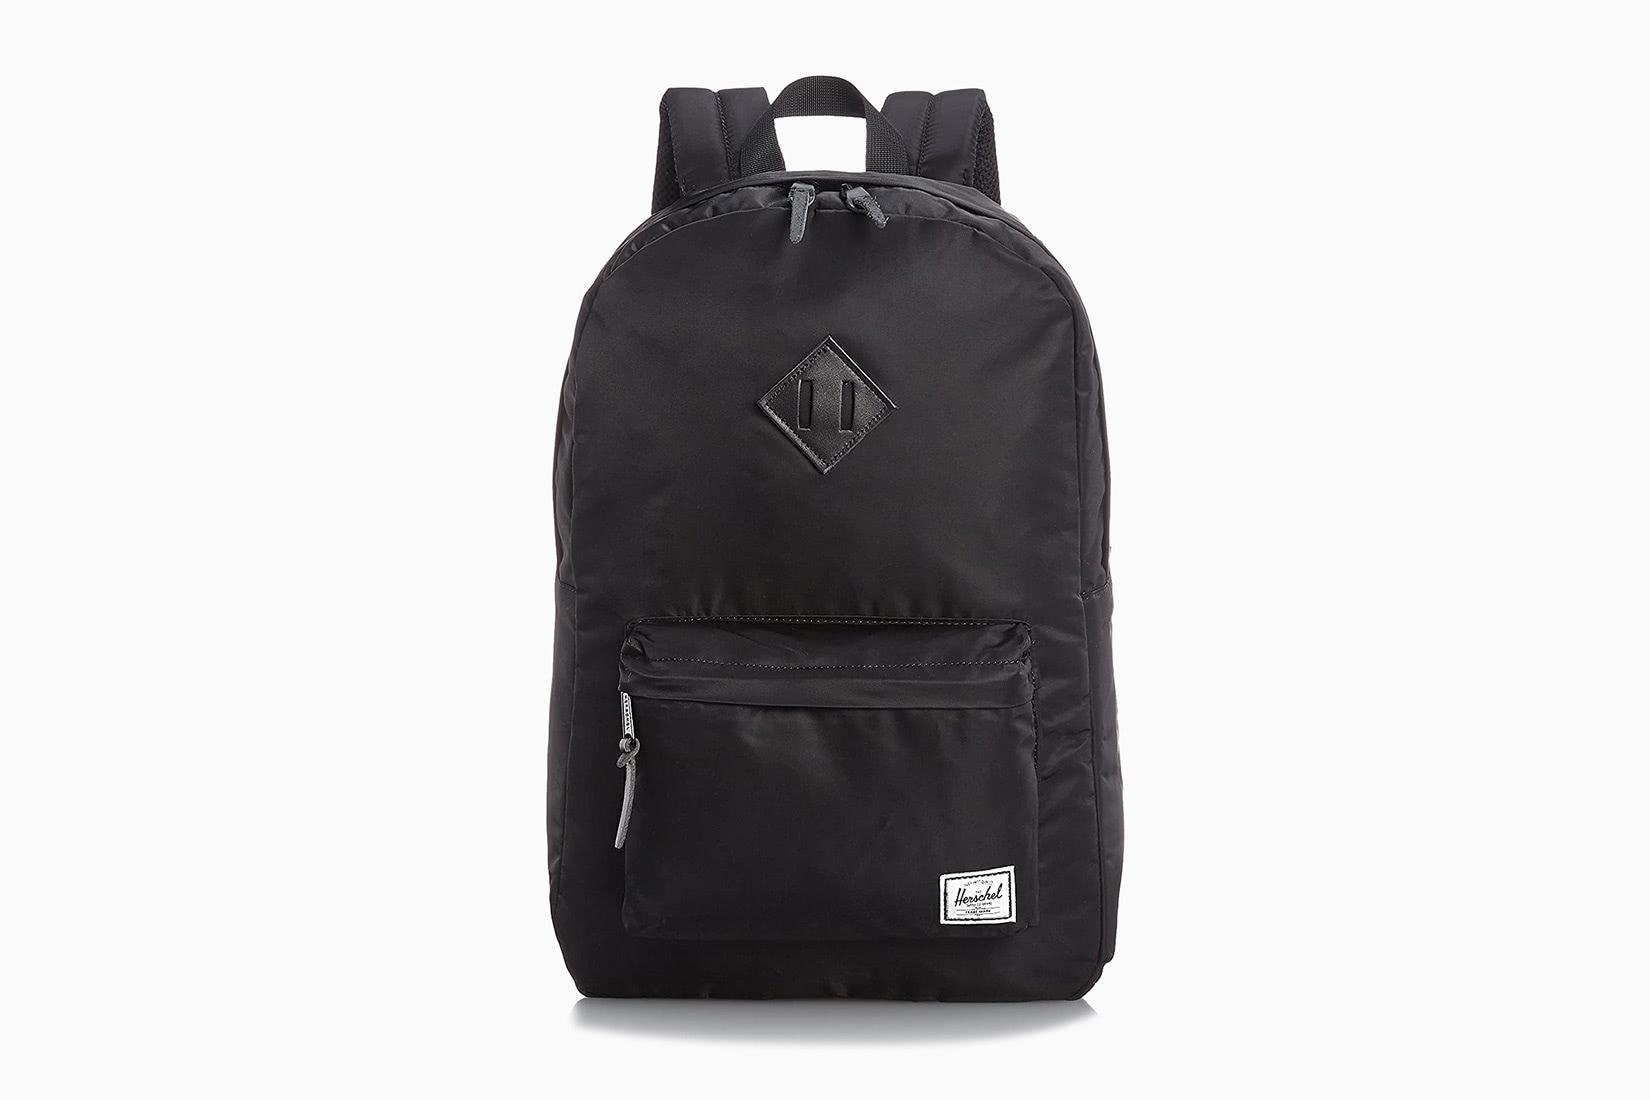 best edc backpack herschel heritage - Luxe Digital